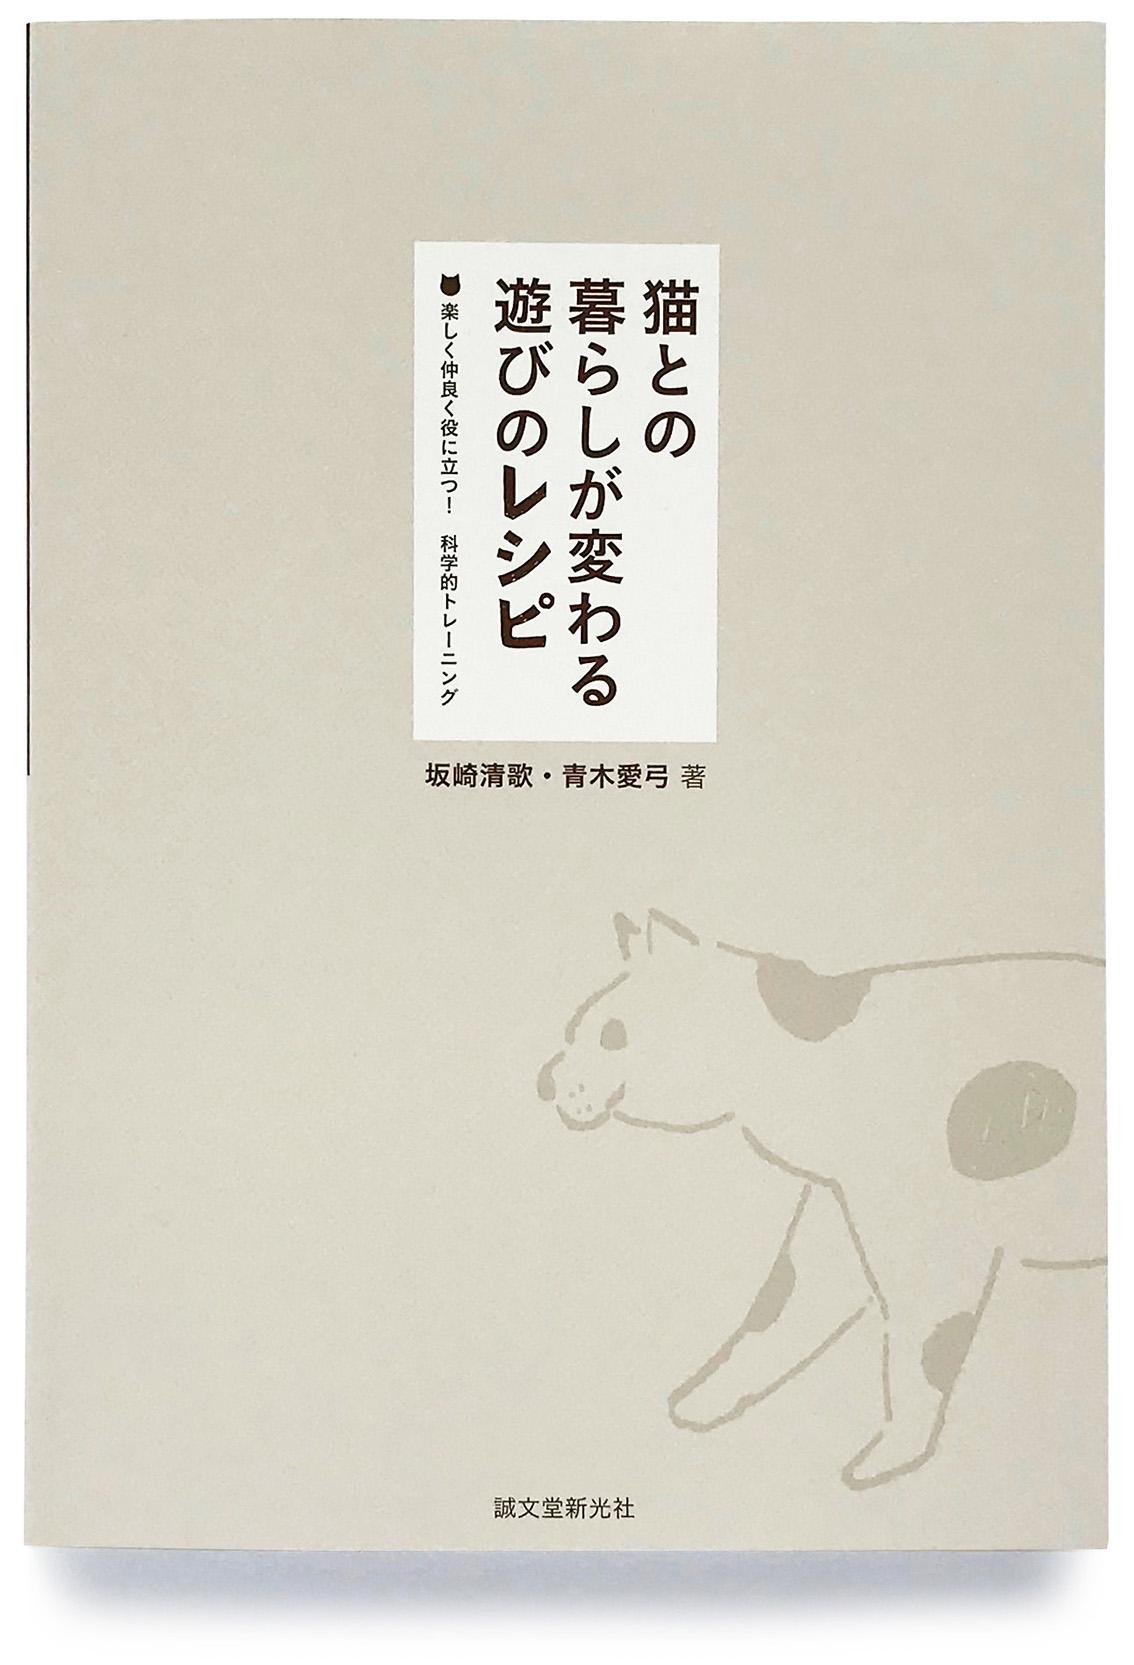 『猫との暮らしが変わる遊びのレシピ 』 2